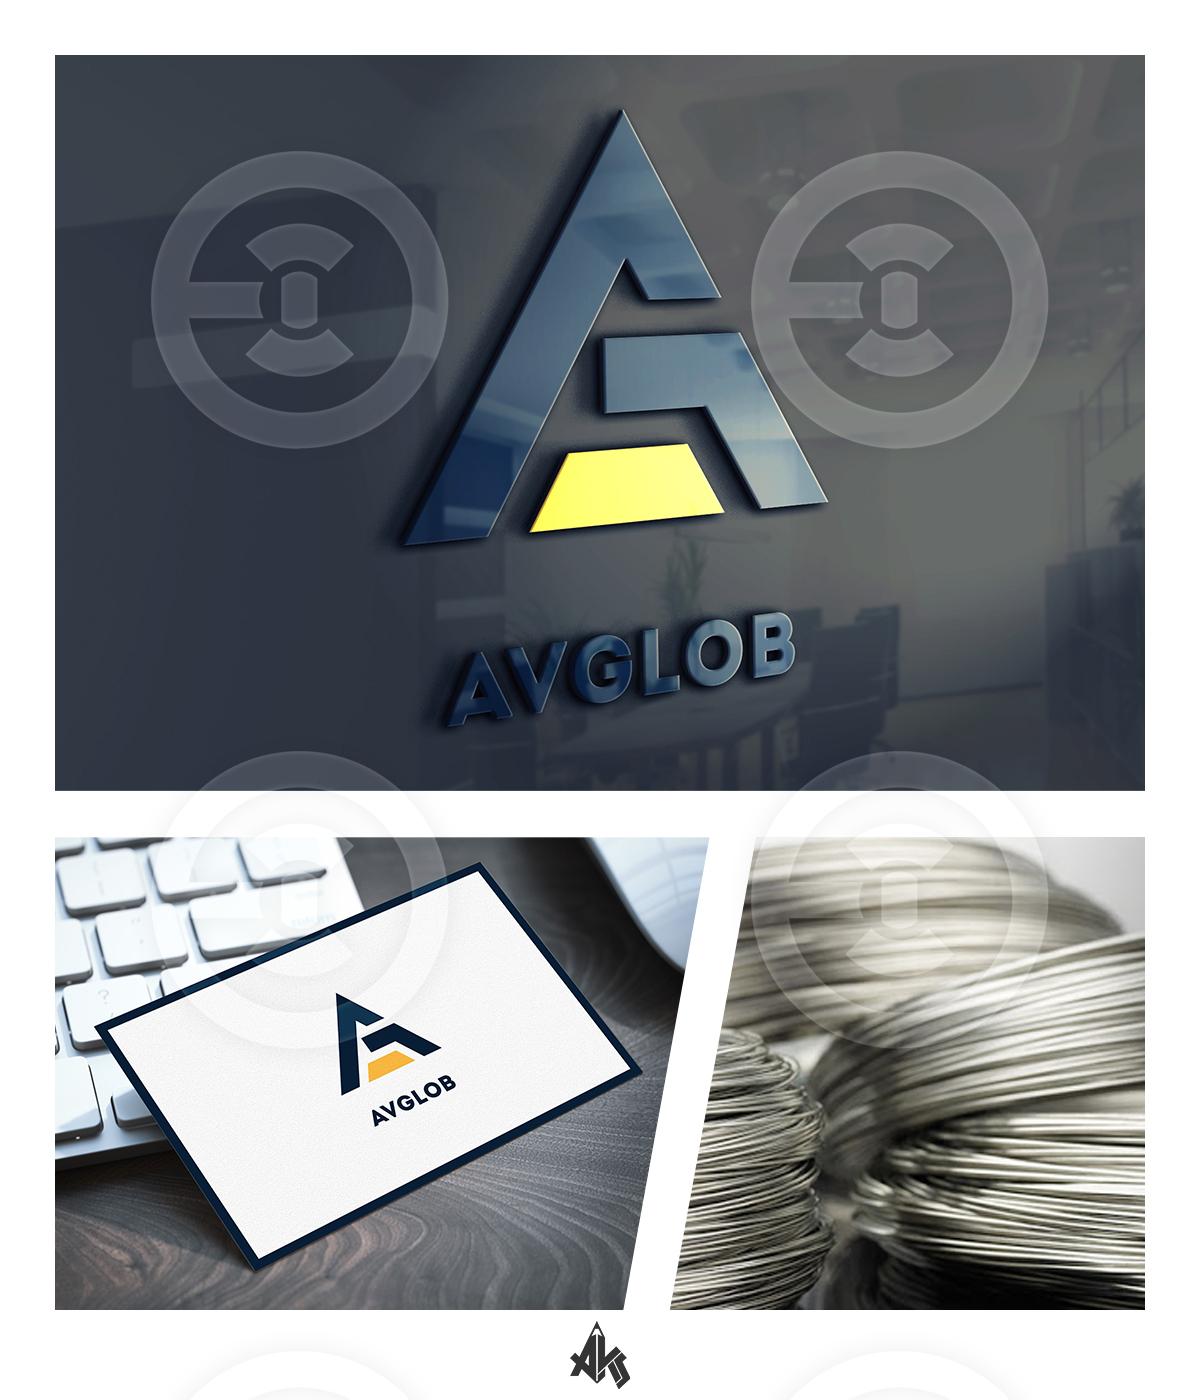 preview Avglob_logo 2.jpg